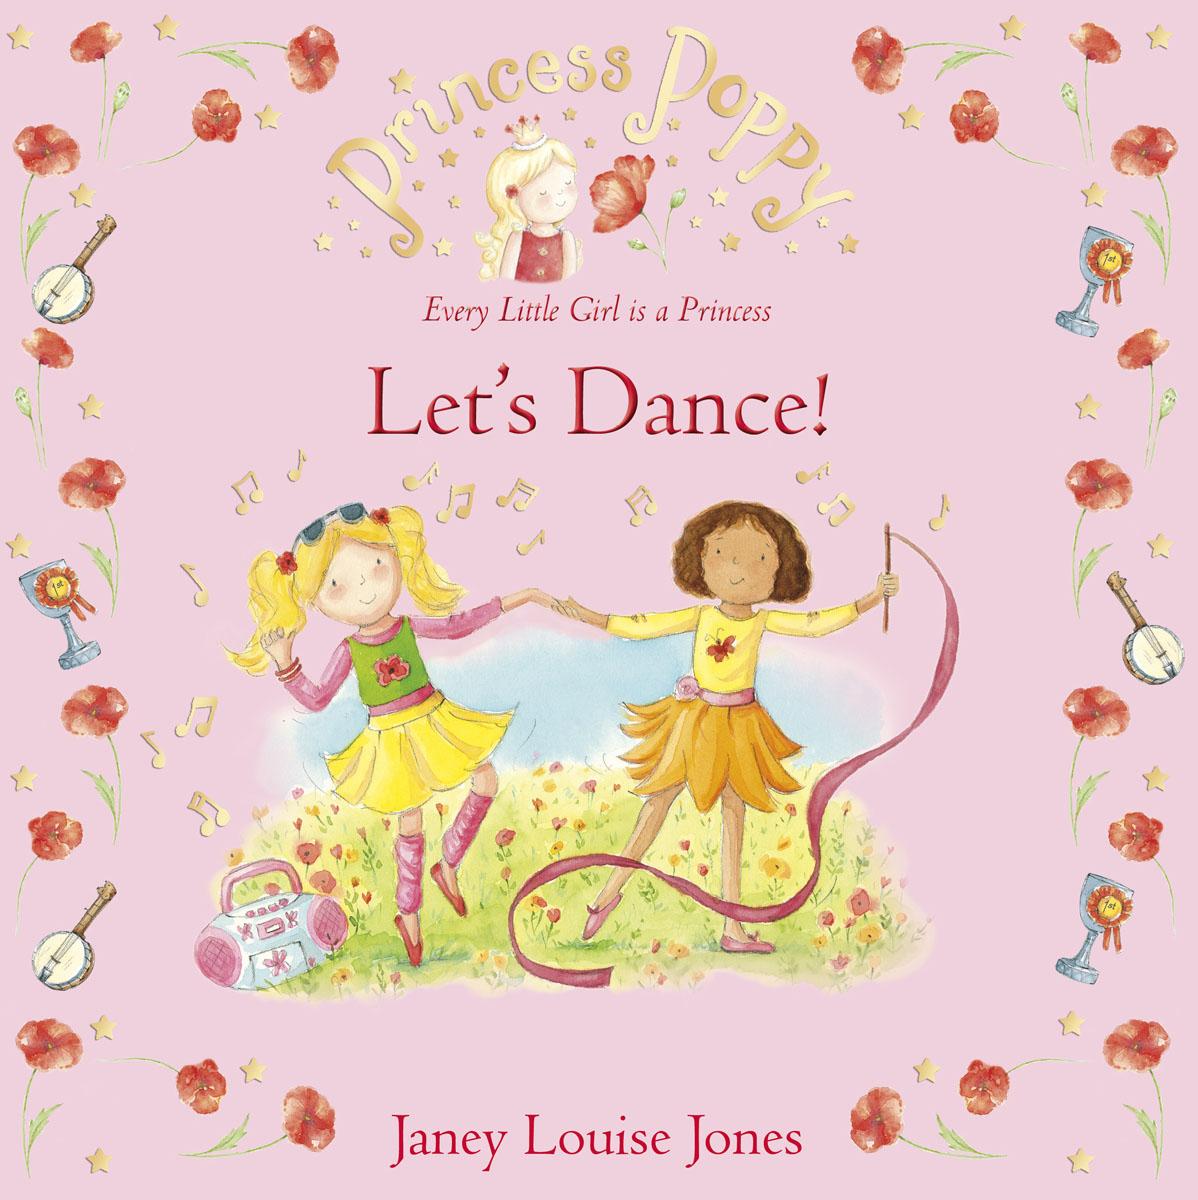 Princess Poppy: Let's Dance!